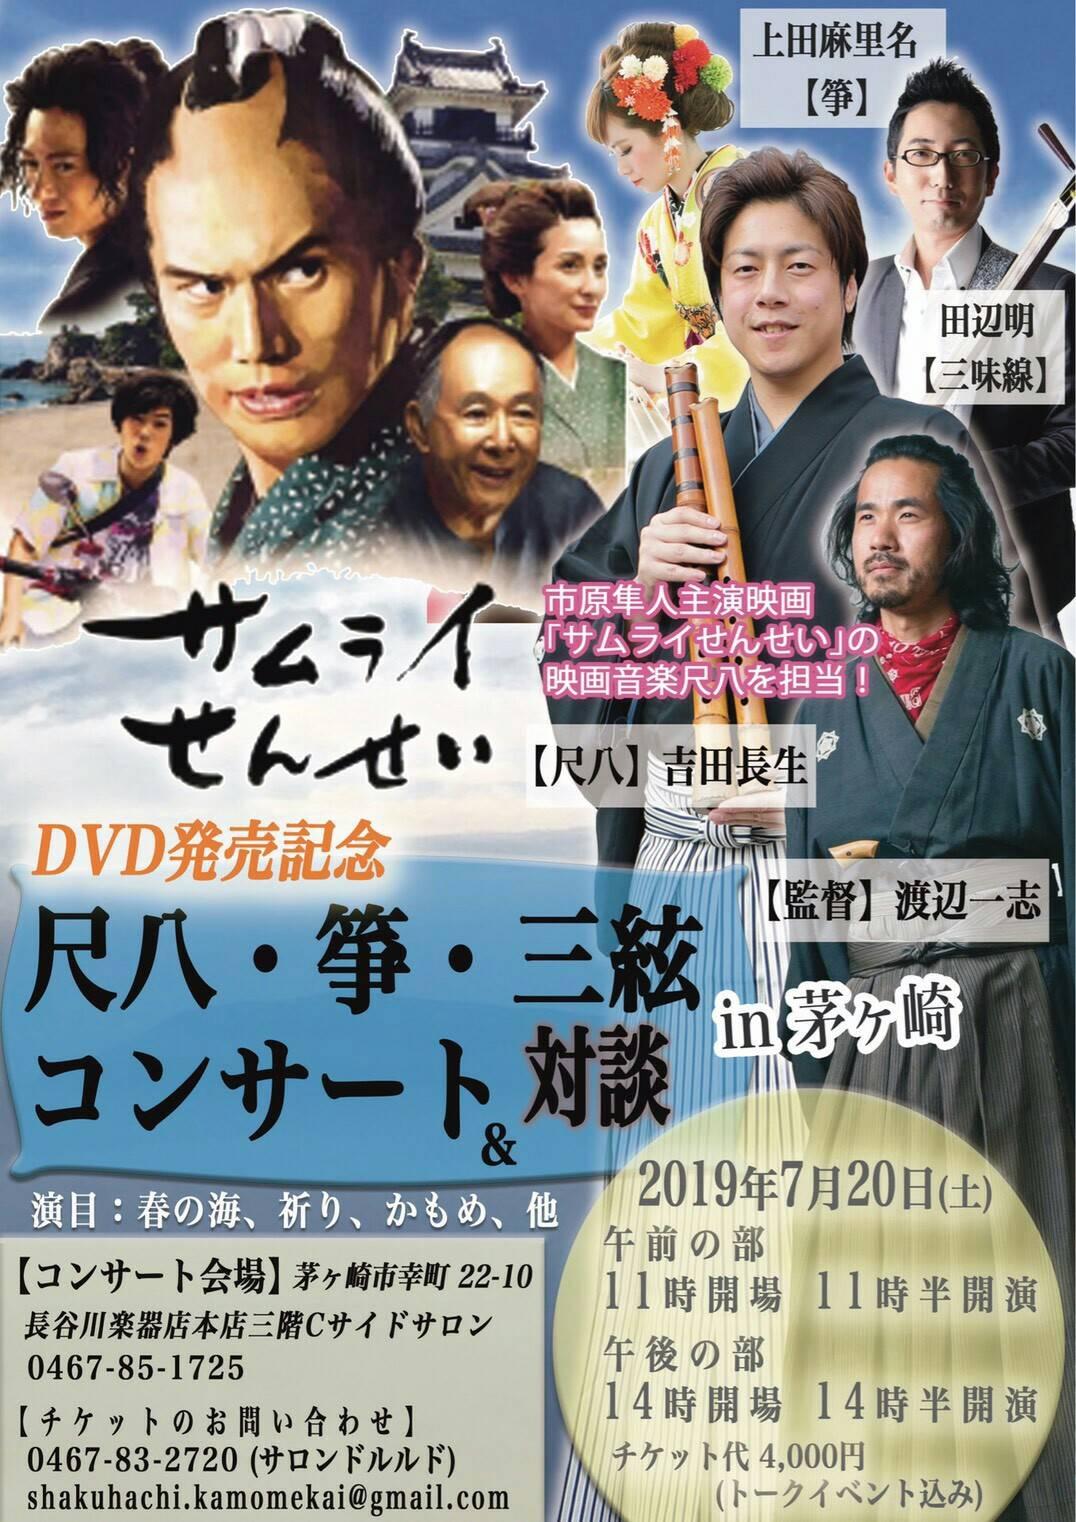 尺八・箏・三絃コンサート&対談 in 茅ヶ崎(午前の部)